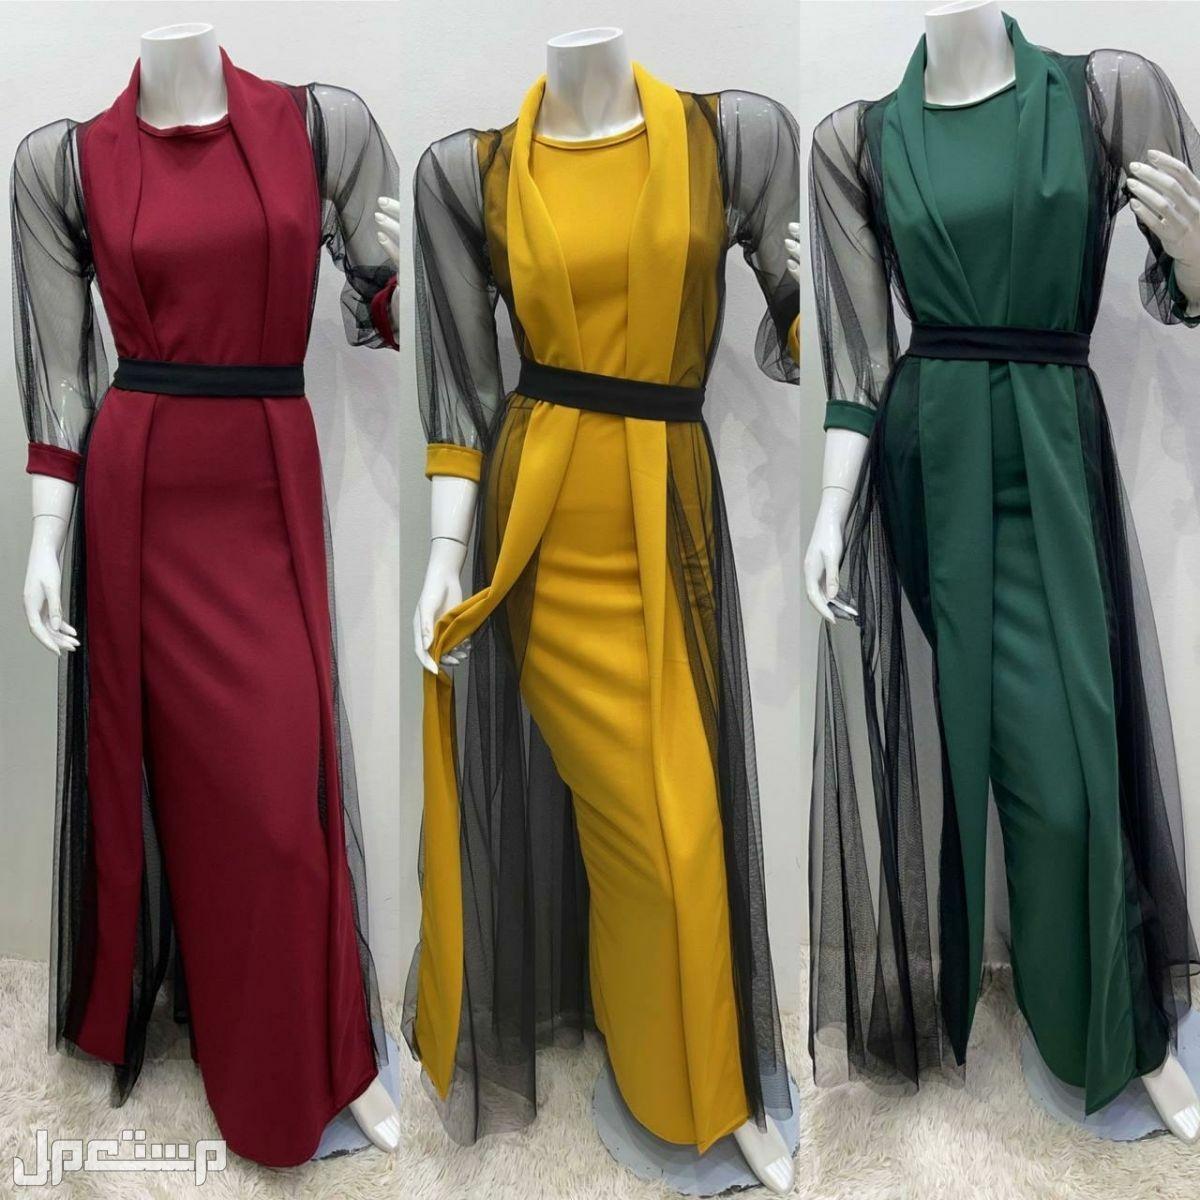 مجموعة من الفساتين النسائية بأسعار خيالية جميع المقاسات موجوده